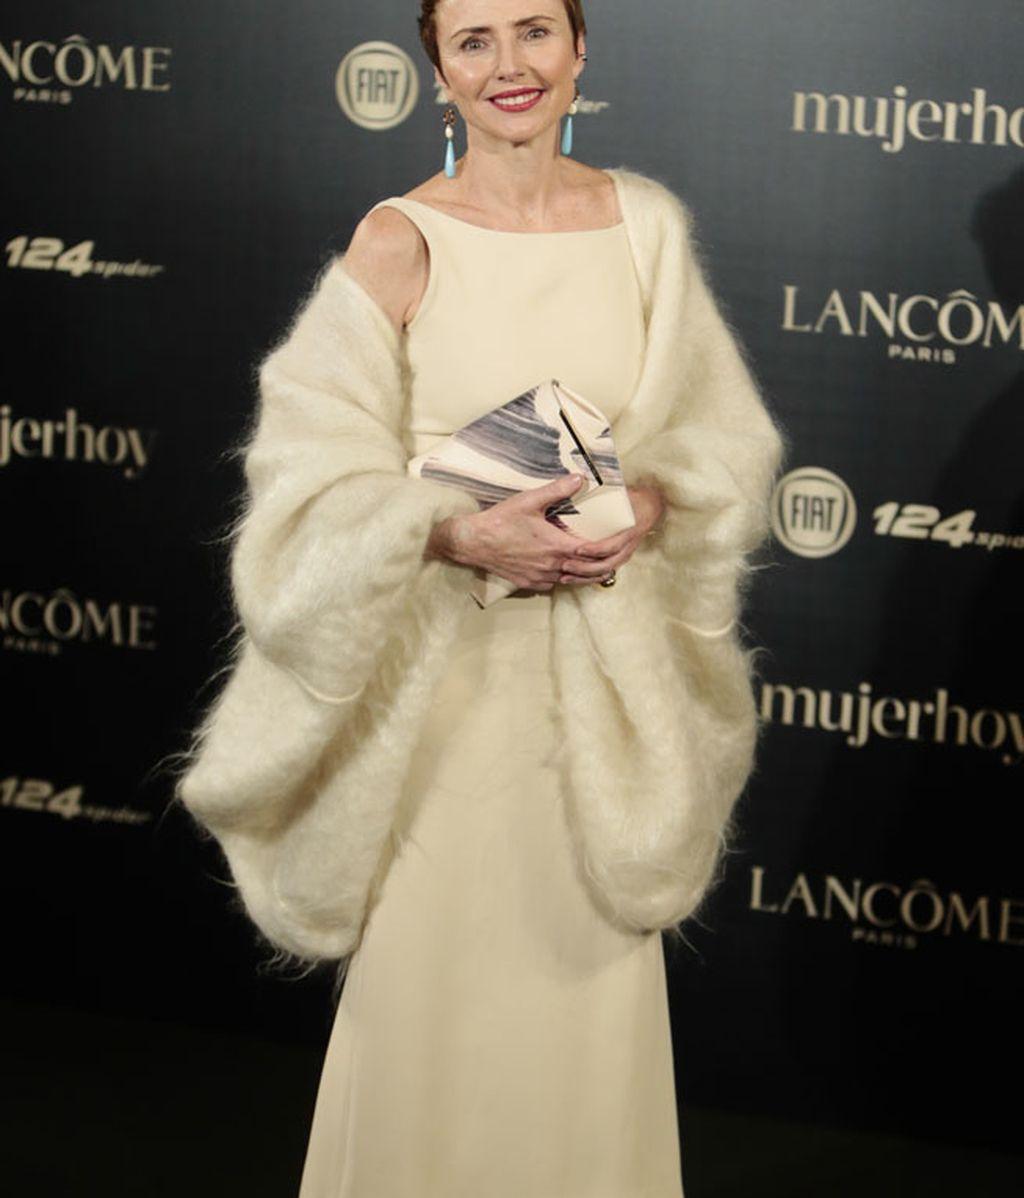 La diseñadora de joyas Helena Rohner, también recibió su premio